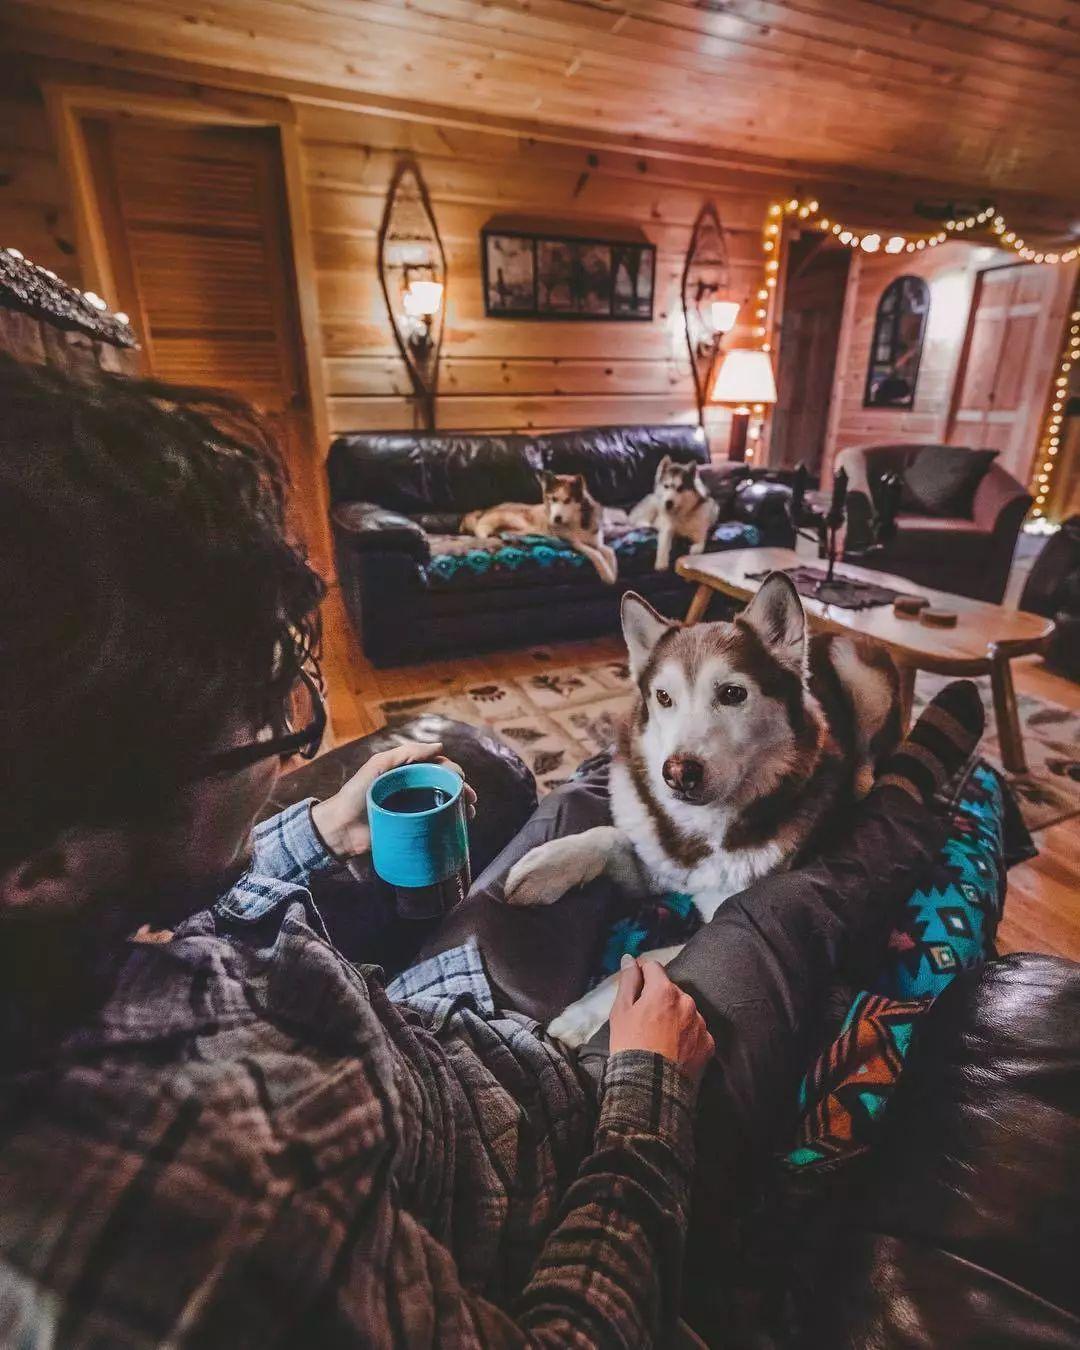 两人三狗在荒郊野外安了家,这样的生活你喜欢吗?